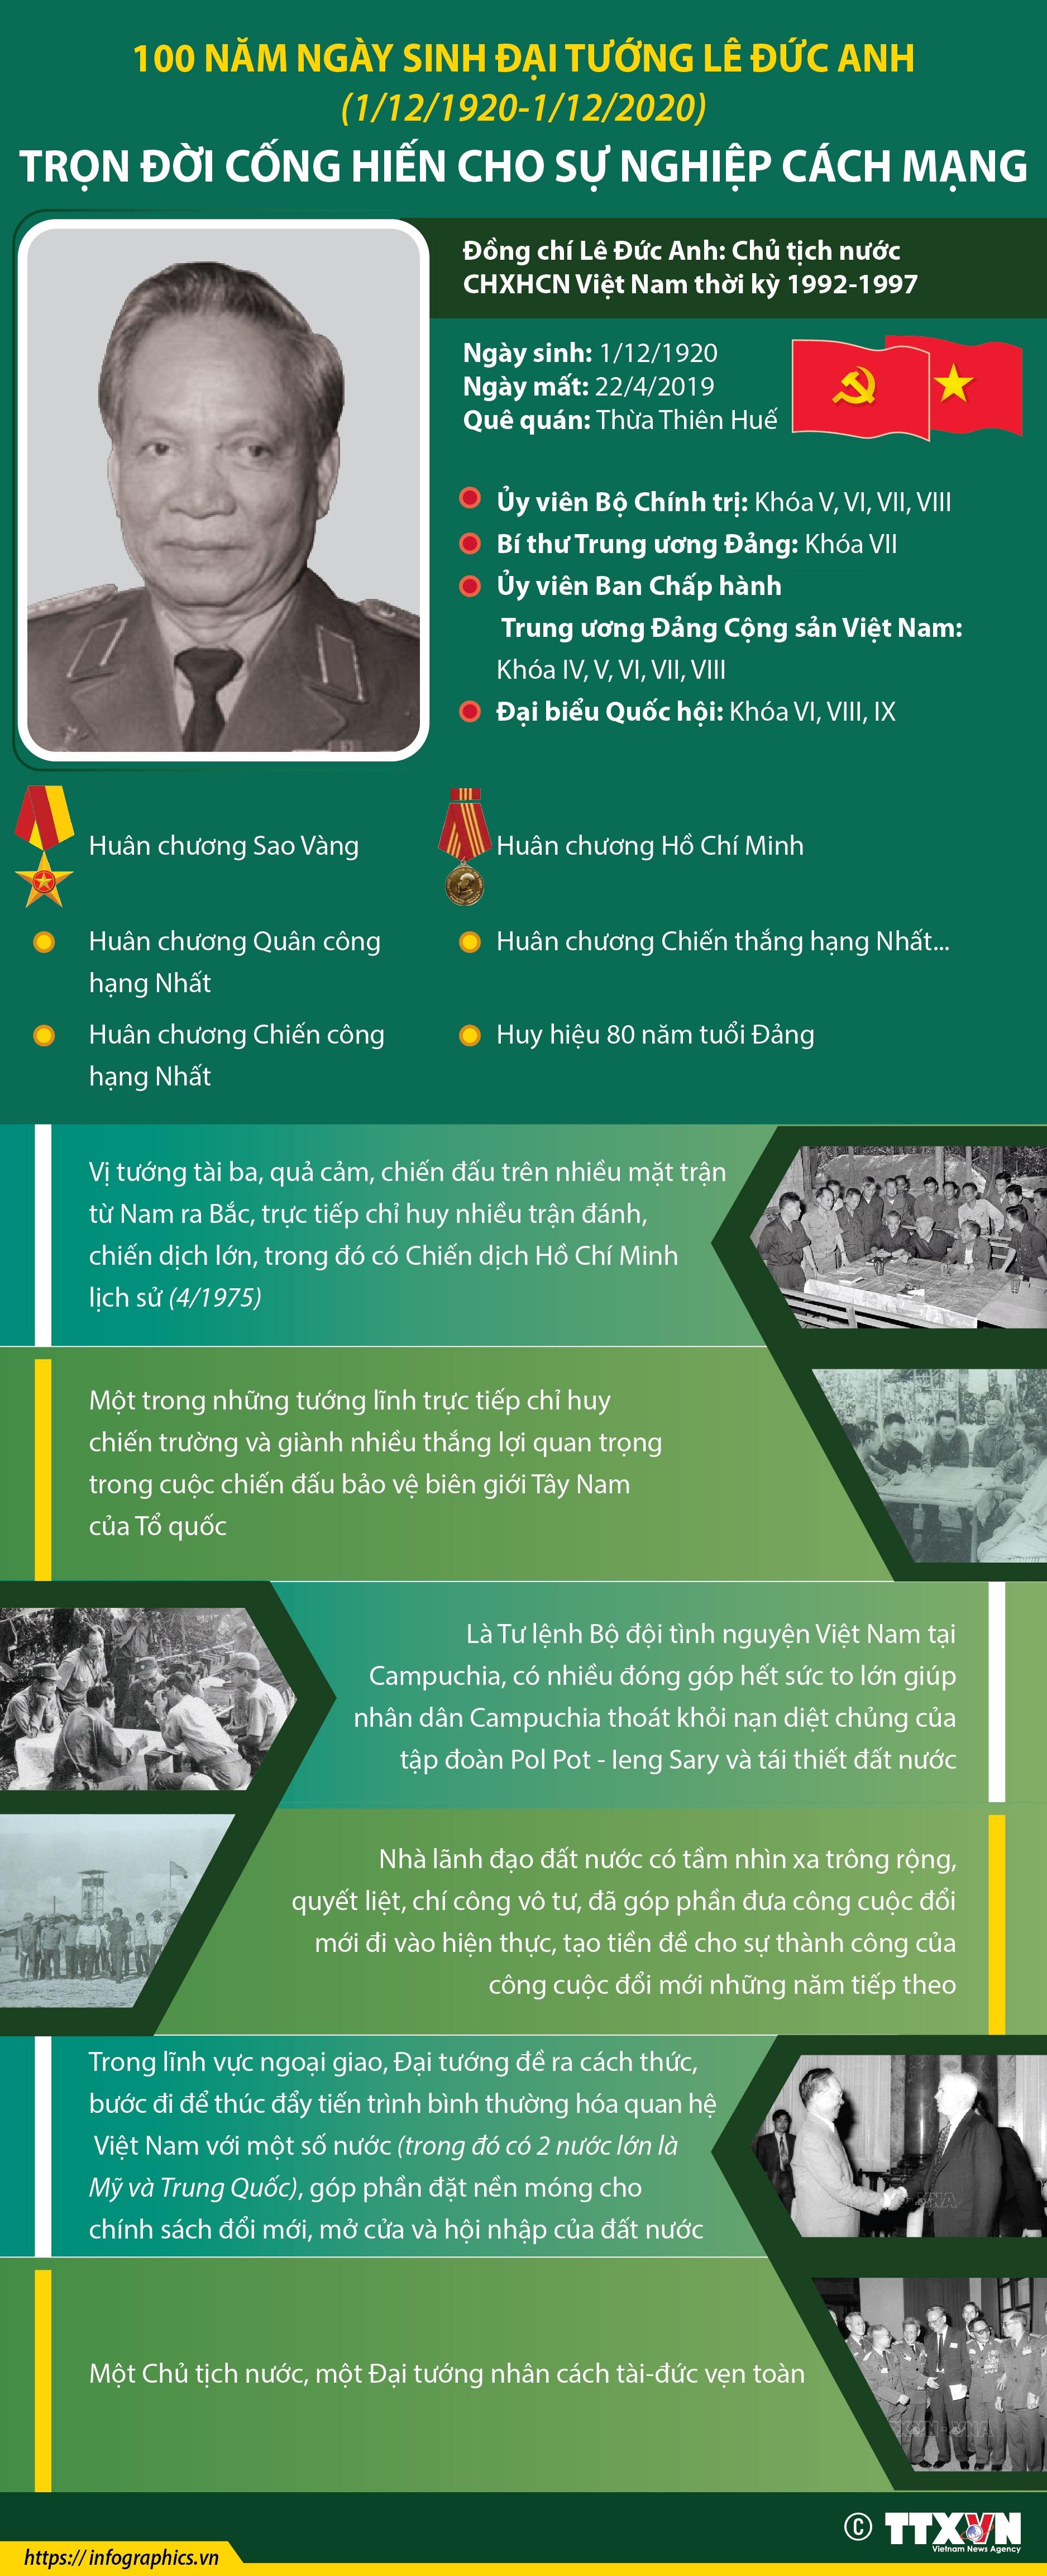 100 năm ngày sinh Đại tướng Lê Đức Anh: Trọn đời cống hiến cho sự nghiệp cách mạng